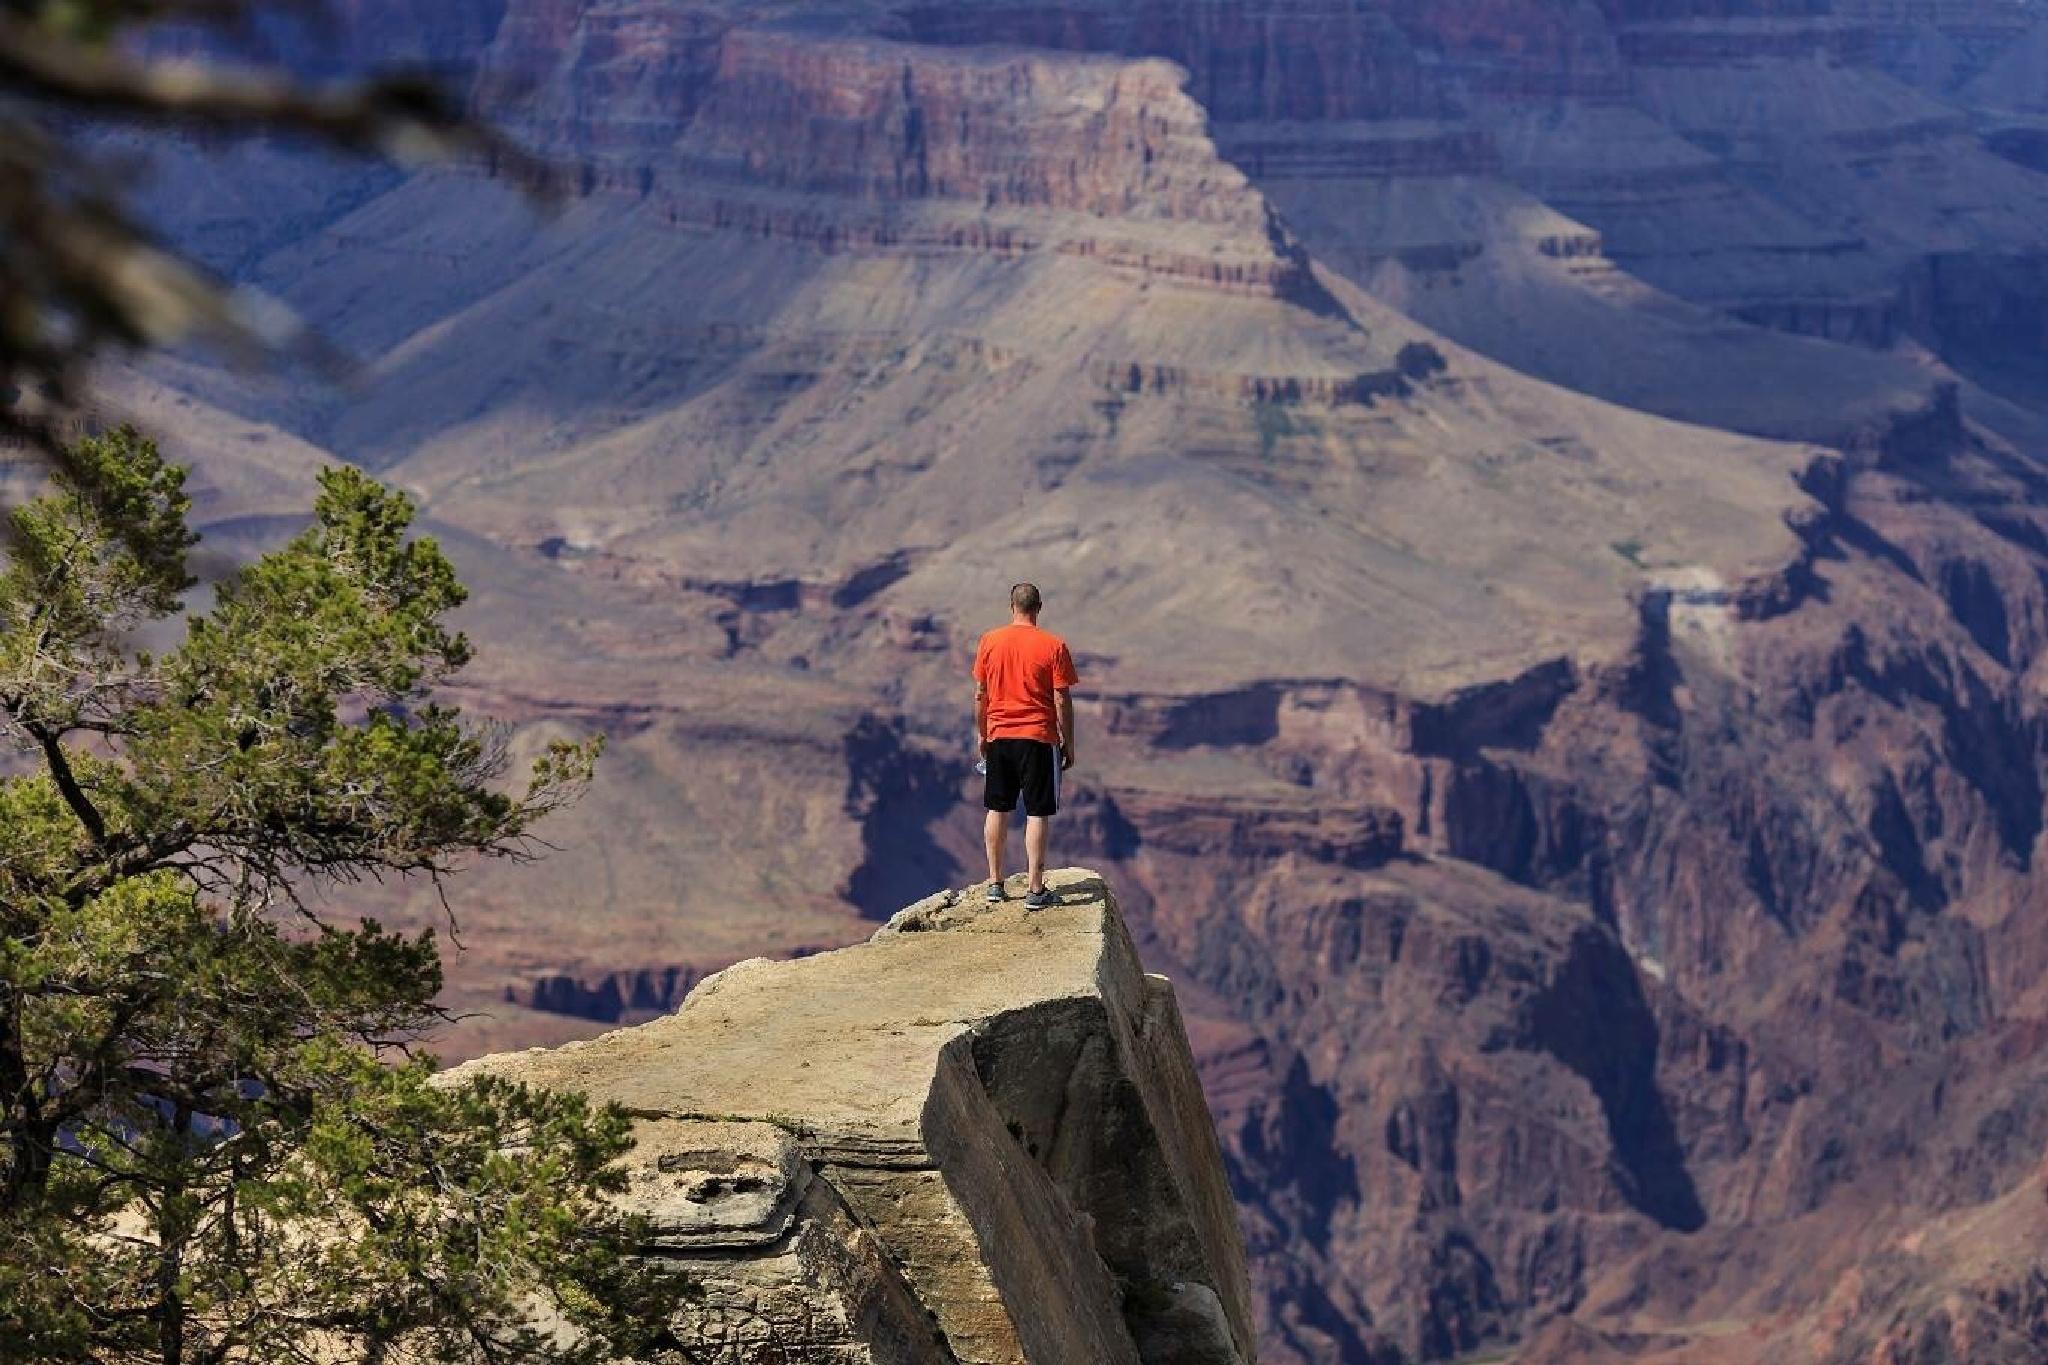 Grand Canyon guy by Tony Nicola